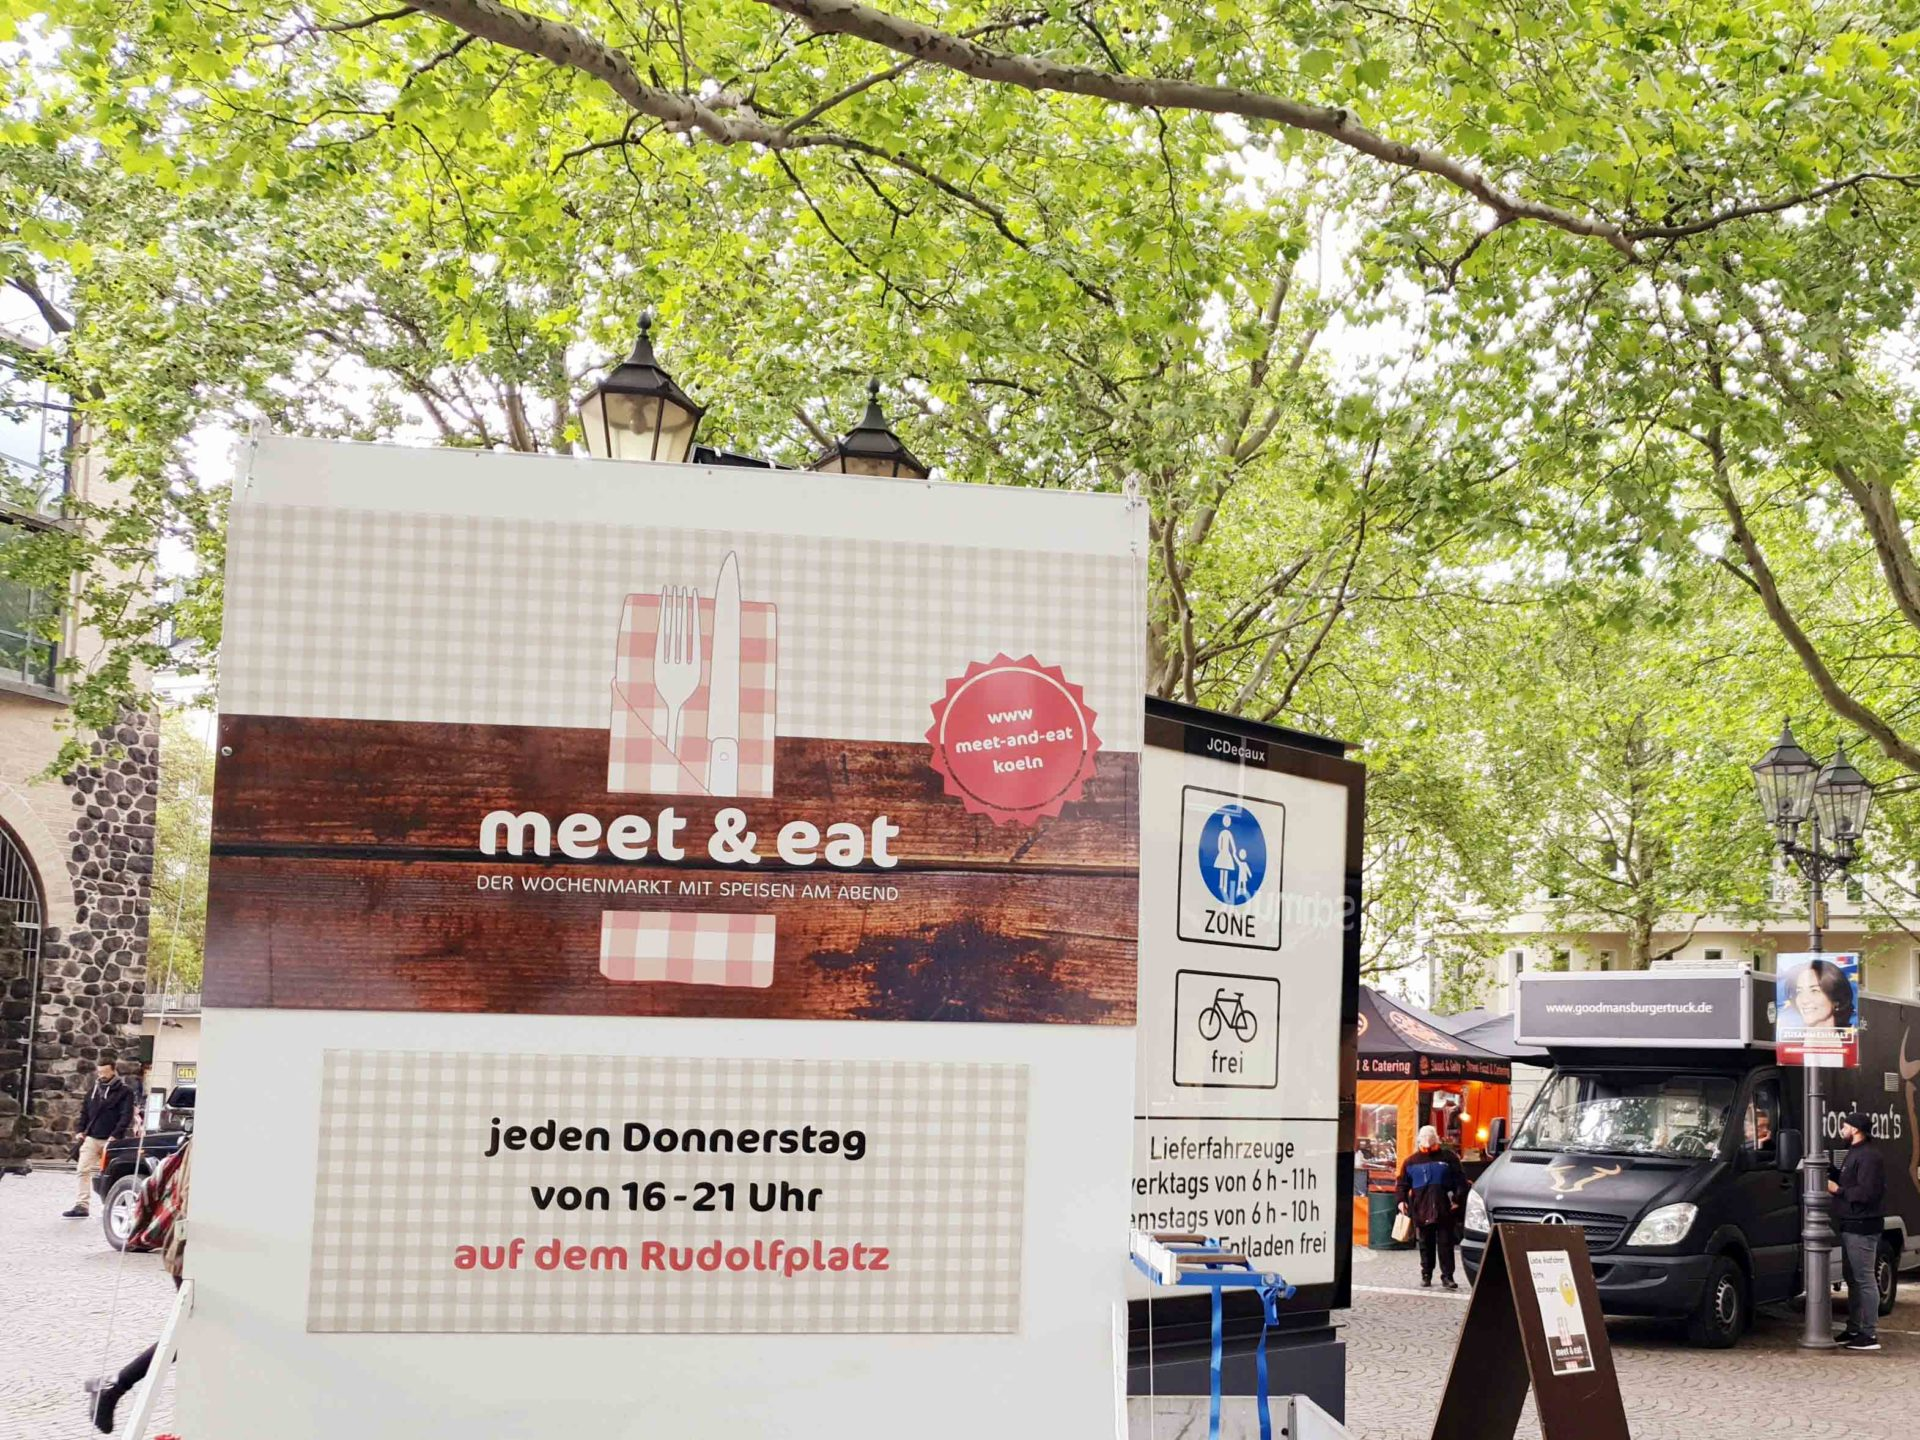 """Jeden Donnerstag von 16 bis 21 Uhr findet hinter der Hahnentorburg am Rudolfplatz der """"meet & eat""""-Food-Markt statt. copyright: CityNEWS"""